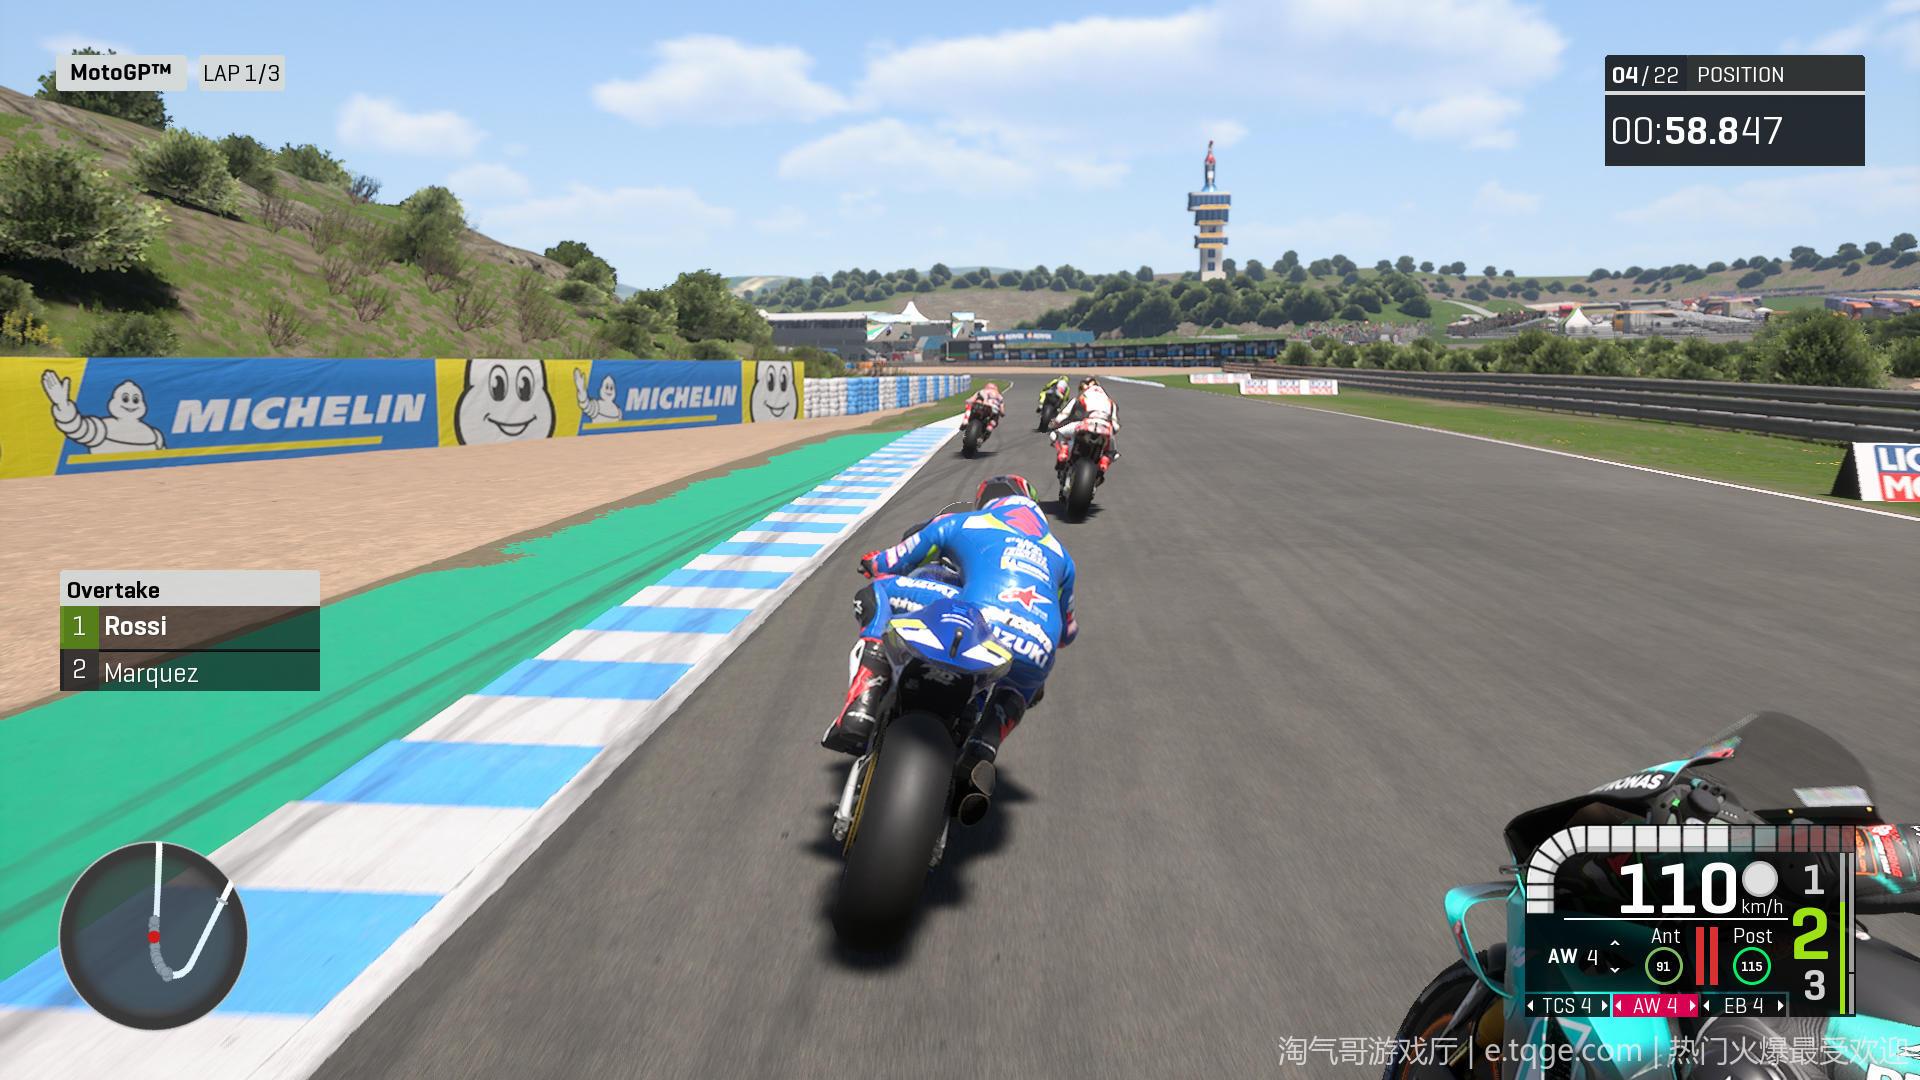 世界摩托大奖赛20/摩托GP20 热门游戏 第7张